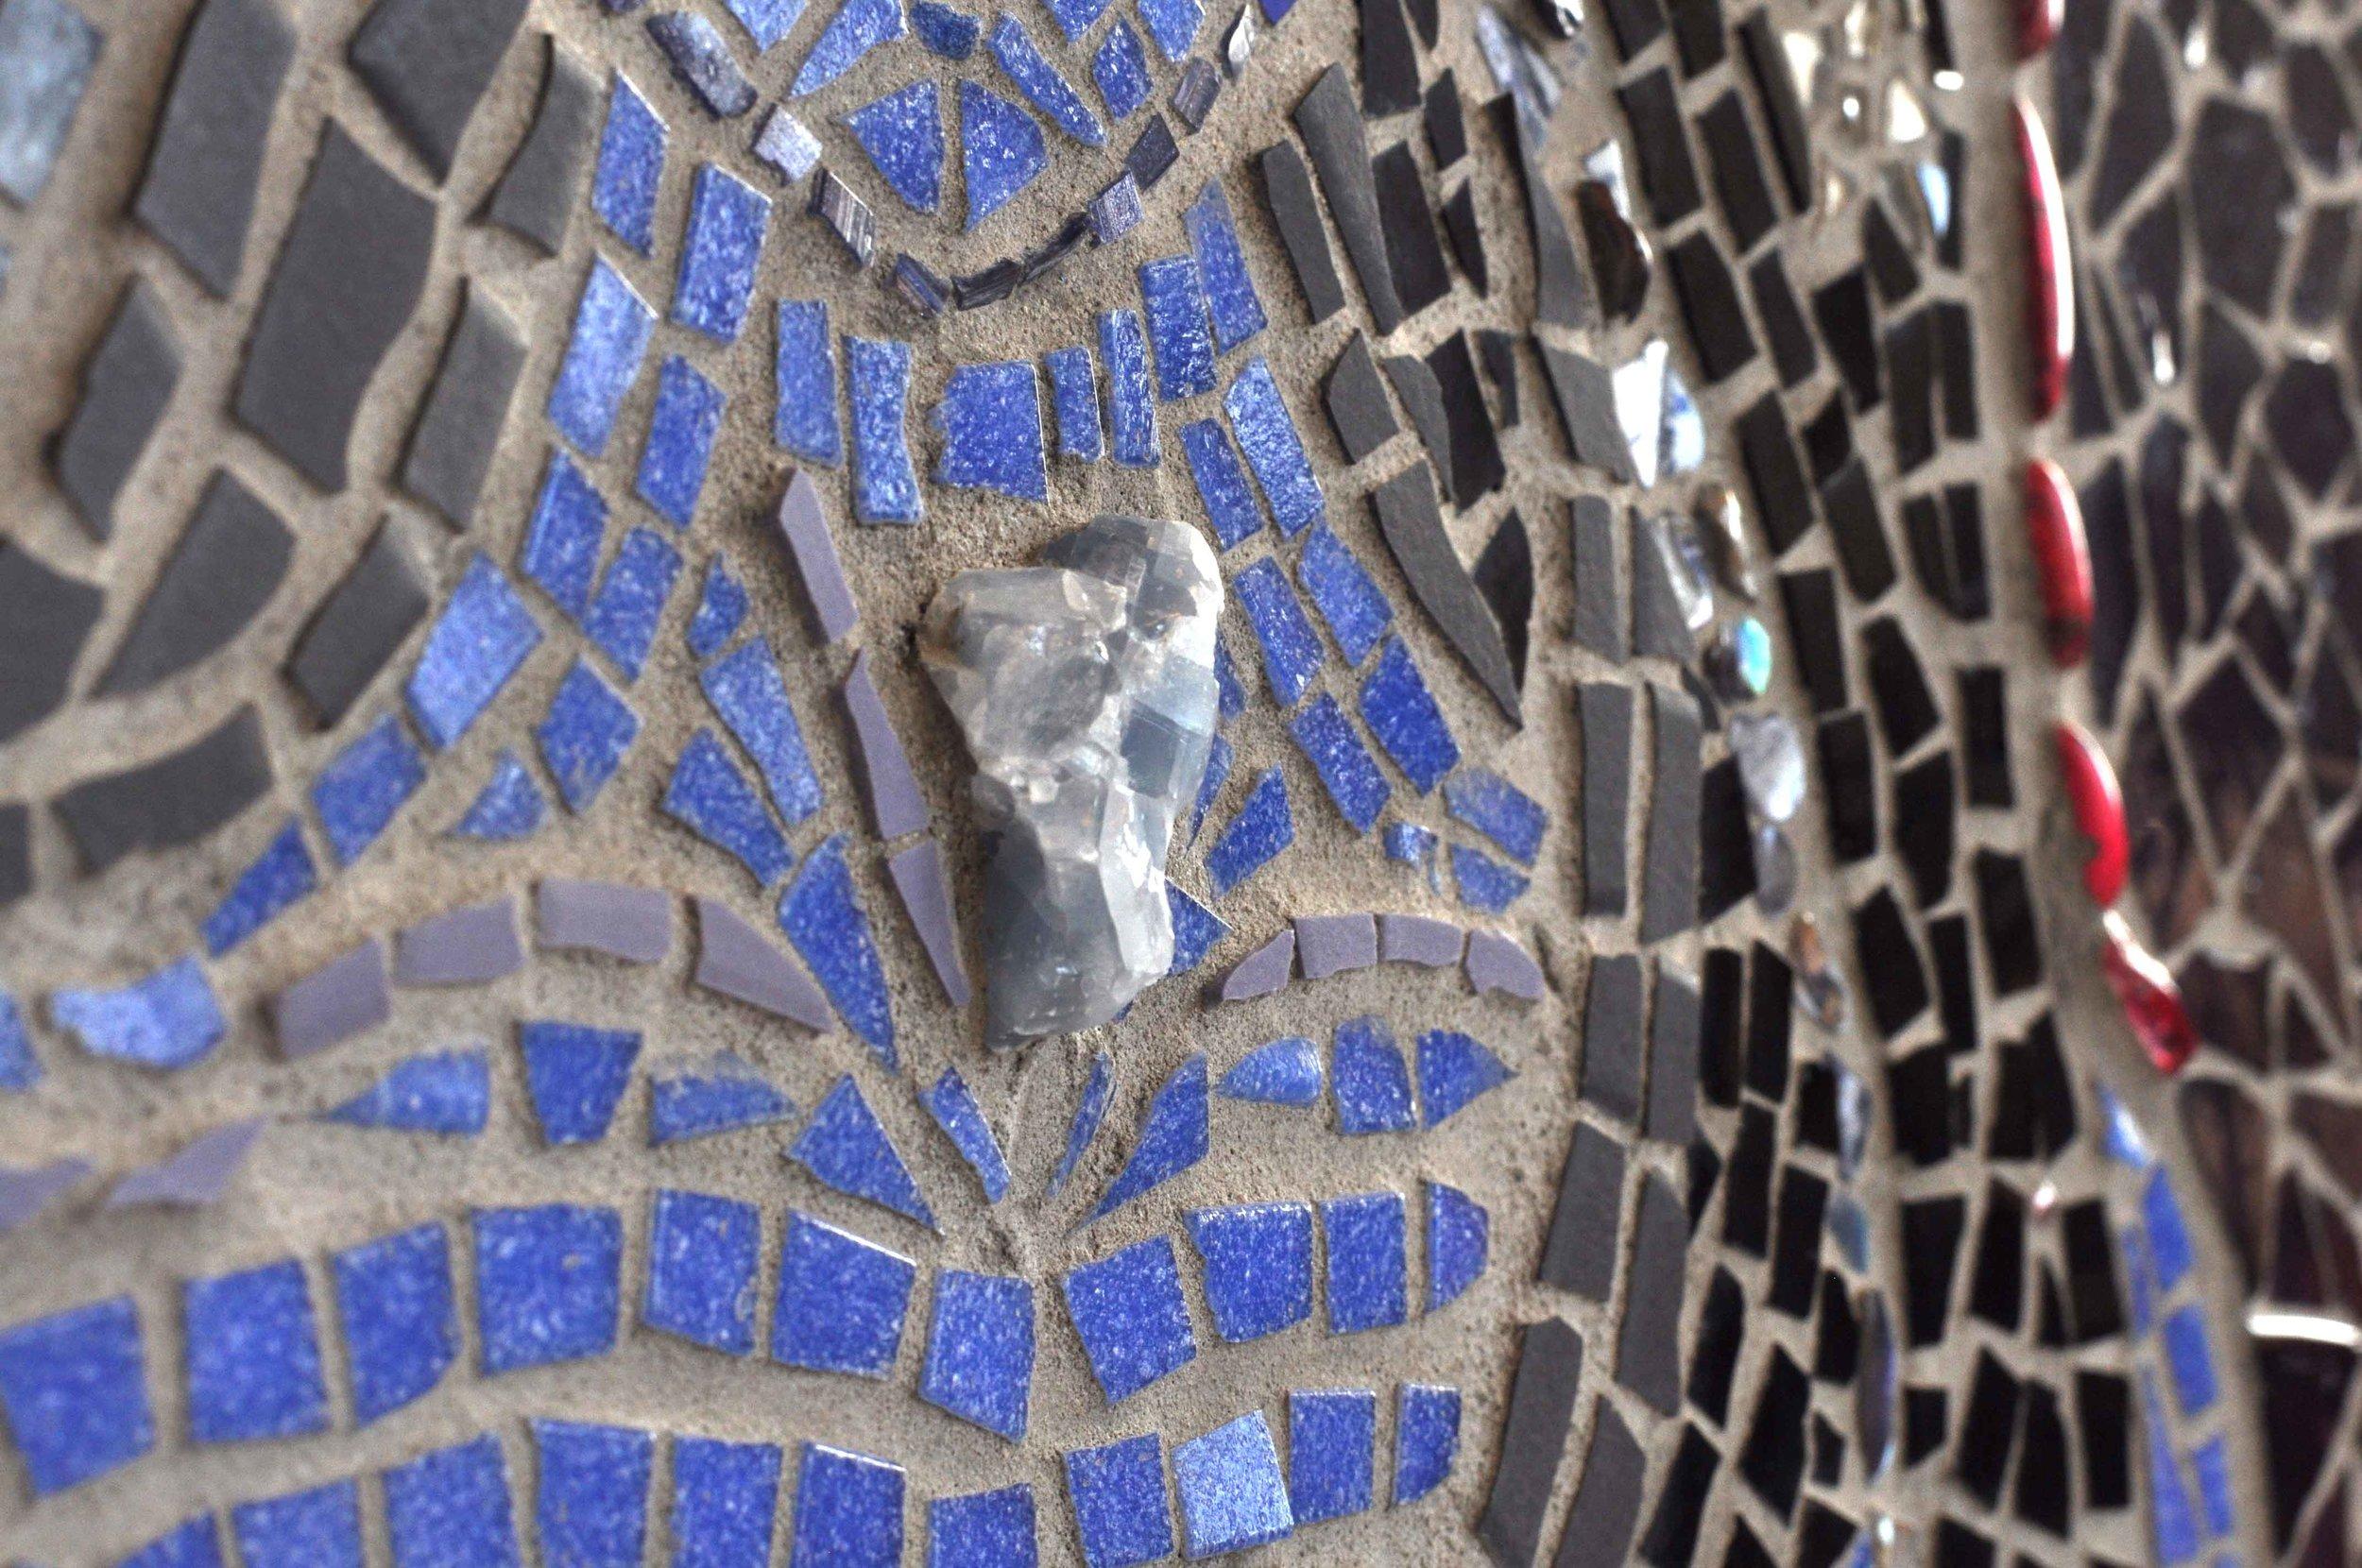 creative-empowerment-blue-goddess-calee-lucht10.jpg